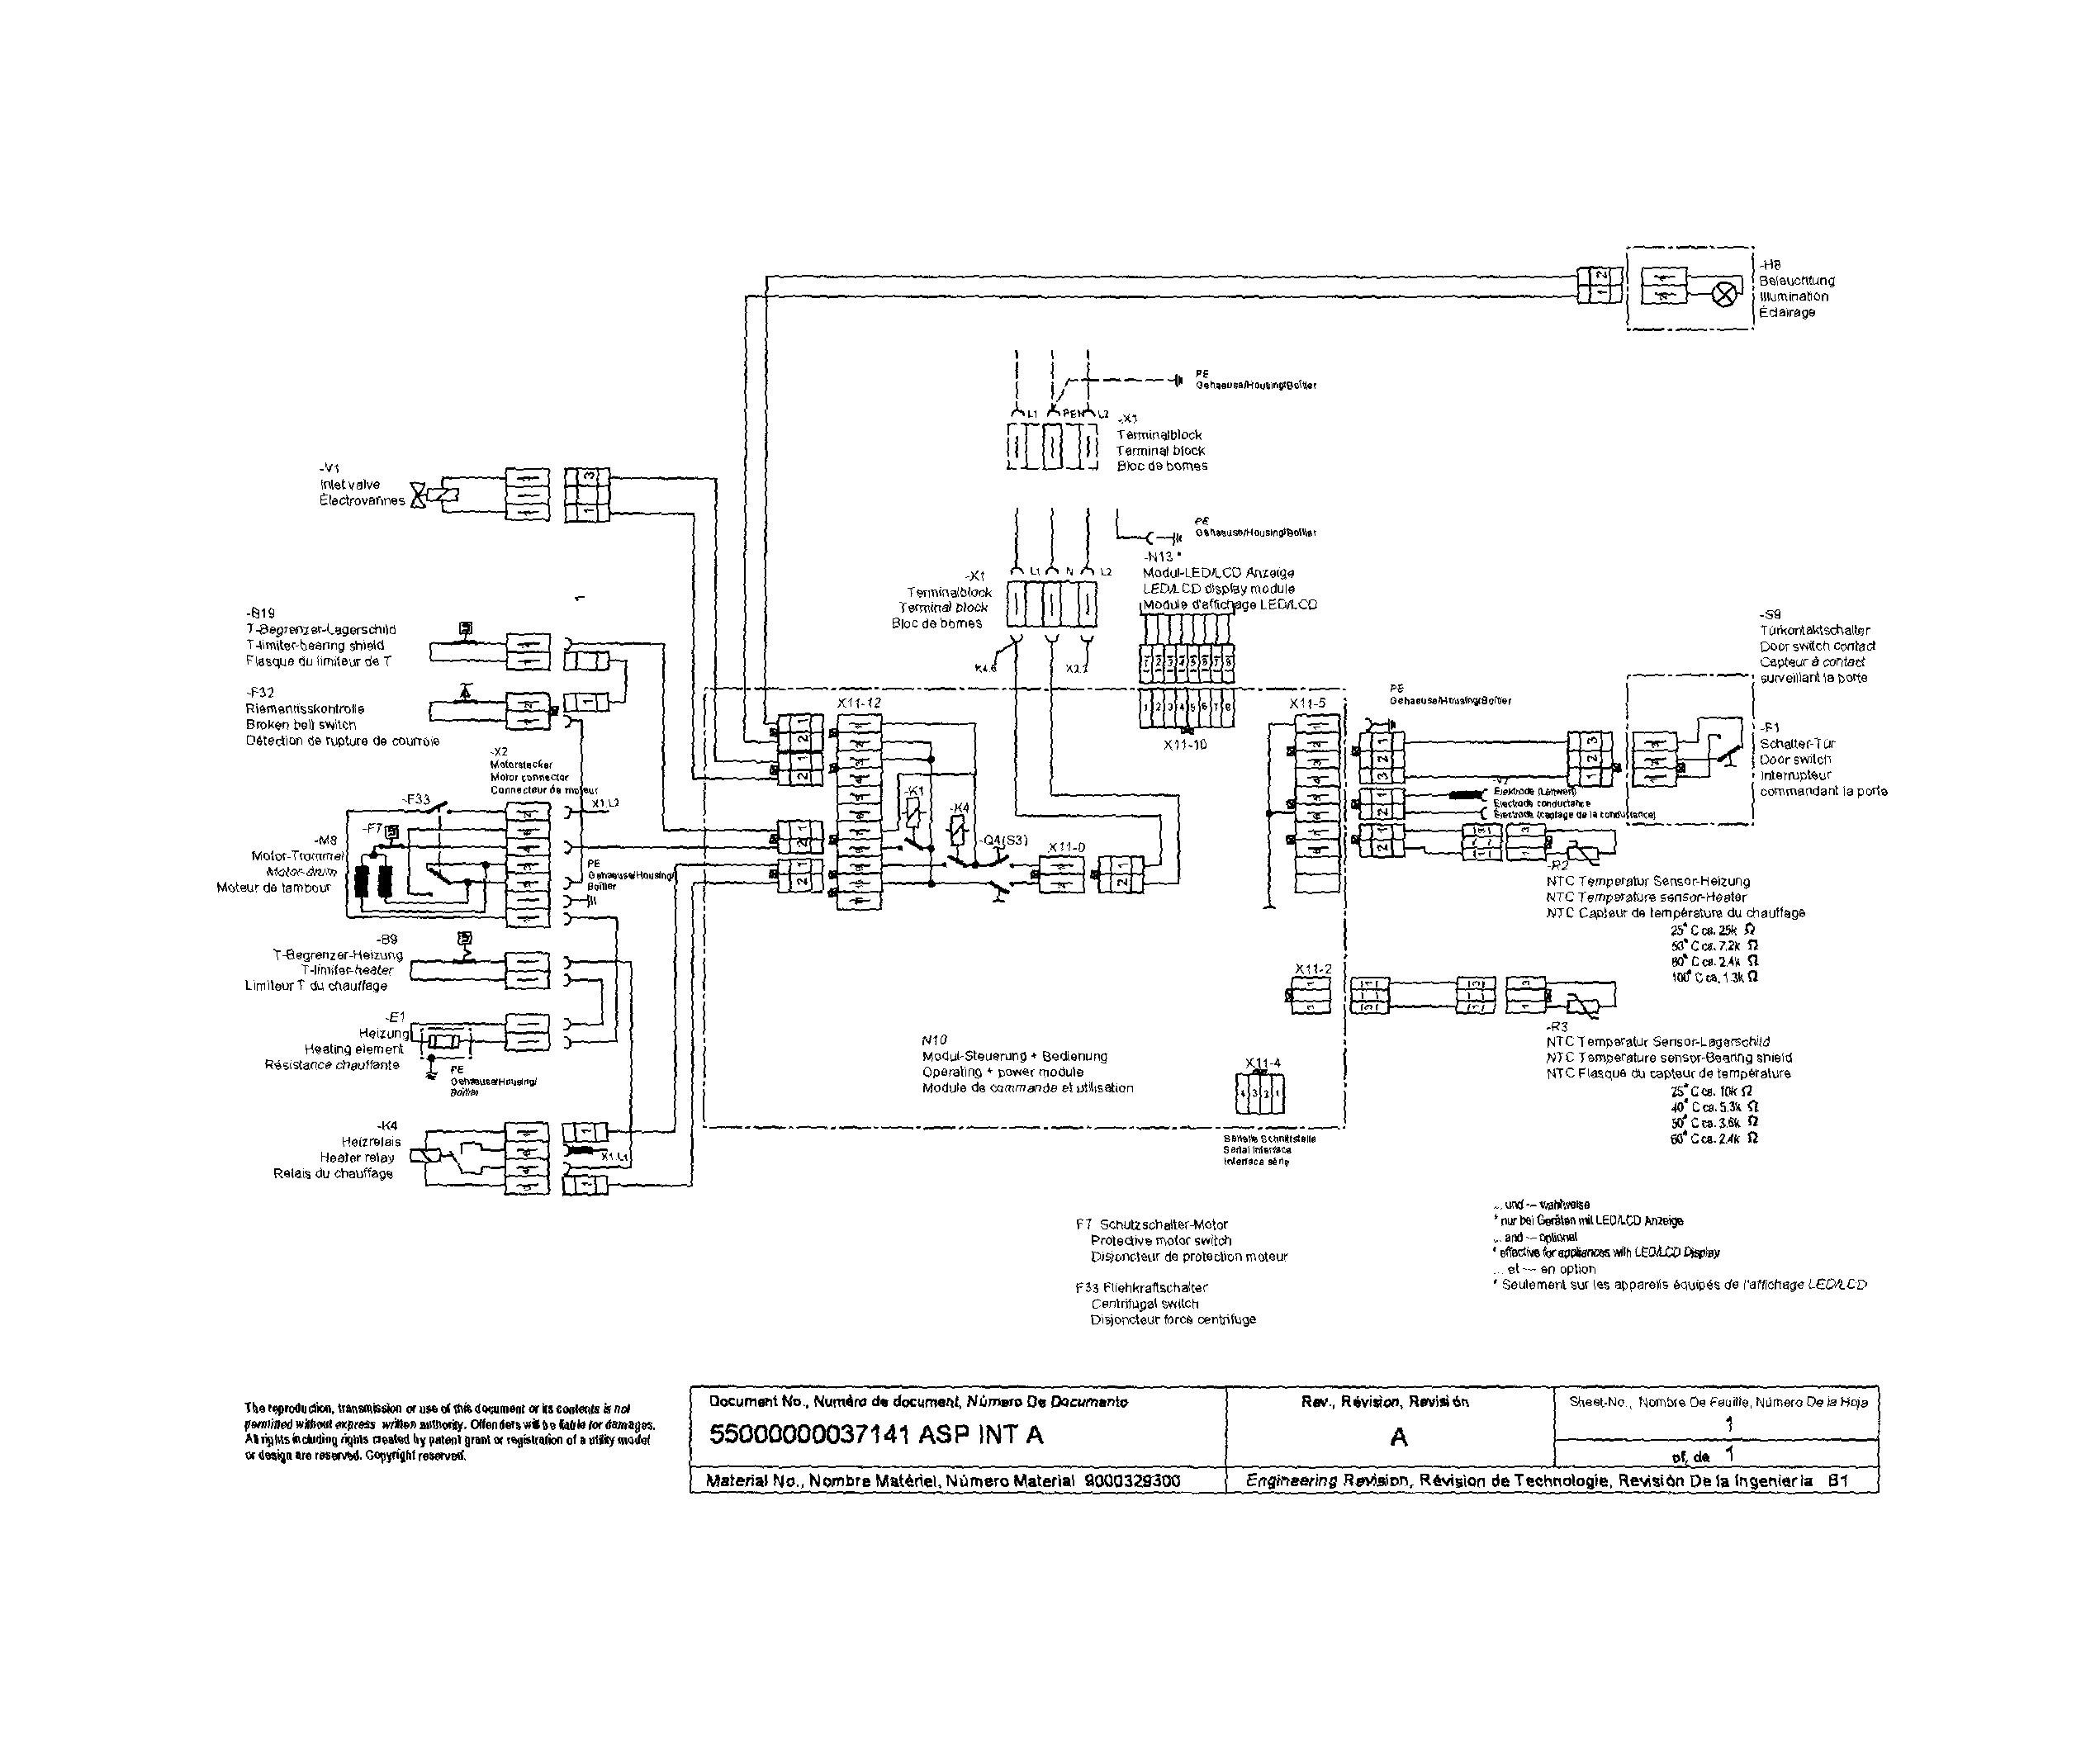 Dryer Plug Wiring Diagram Elegant | Wiring Diagram Image